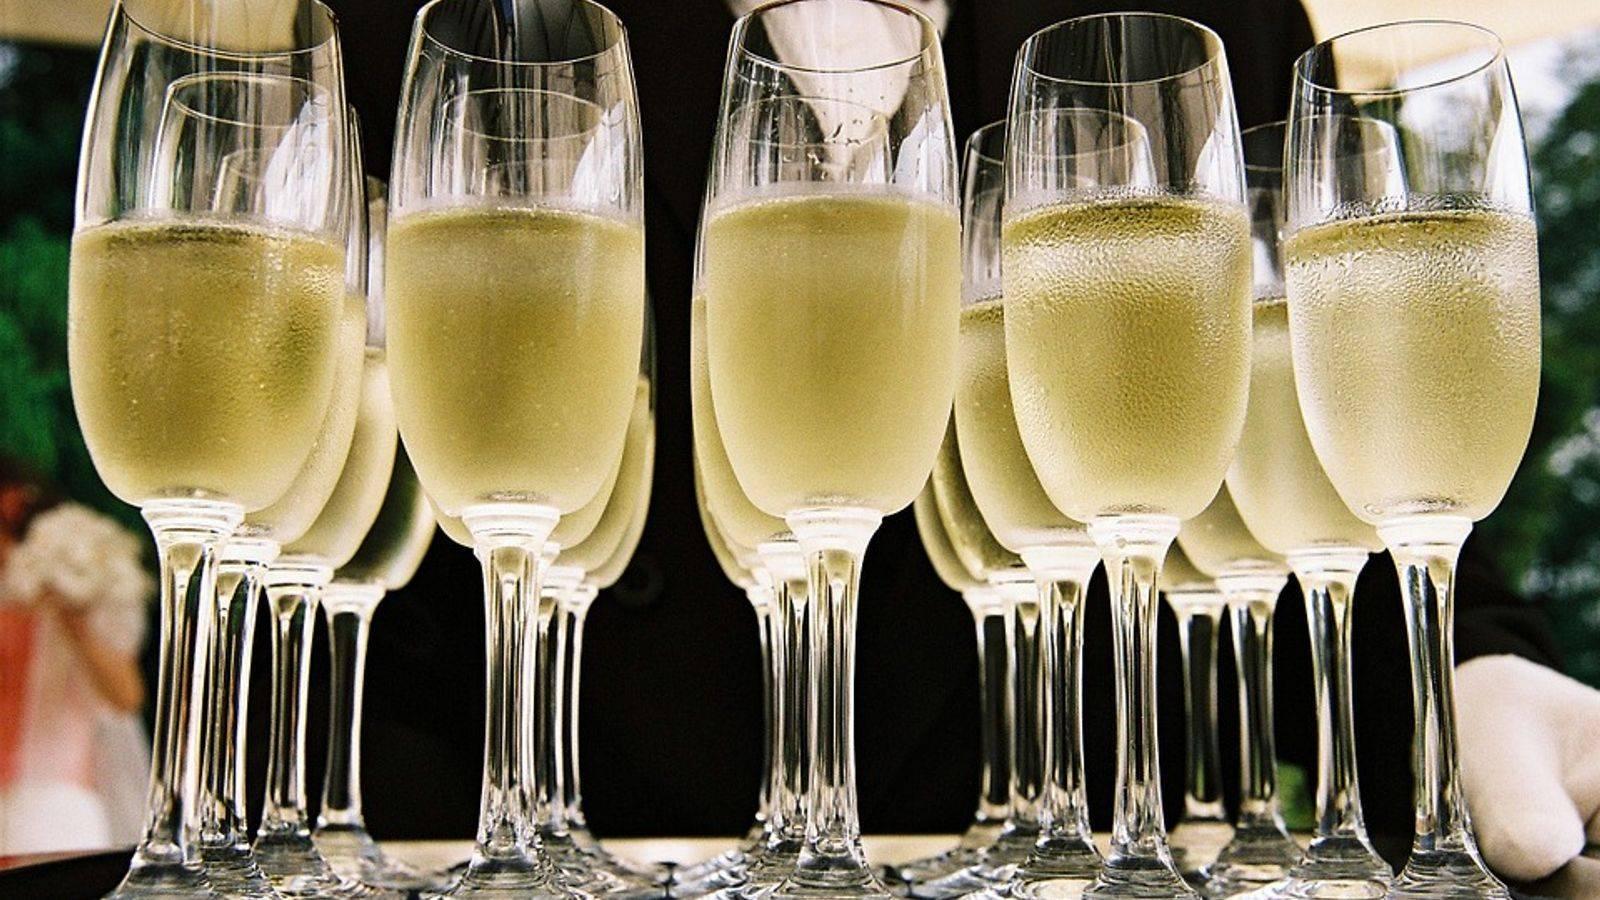 Итальянское шампанское — какое выбрать для праздника